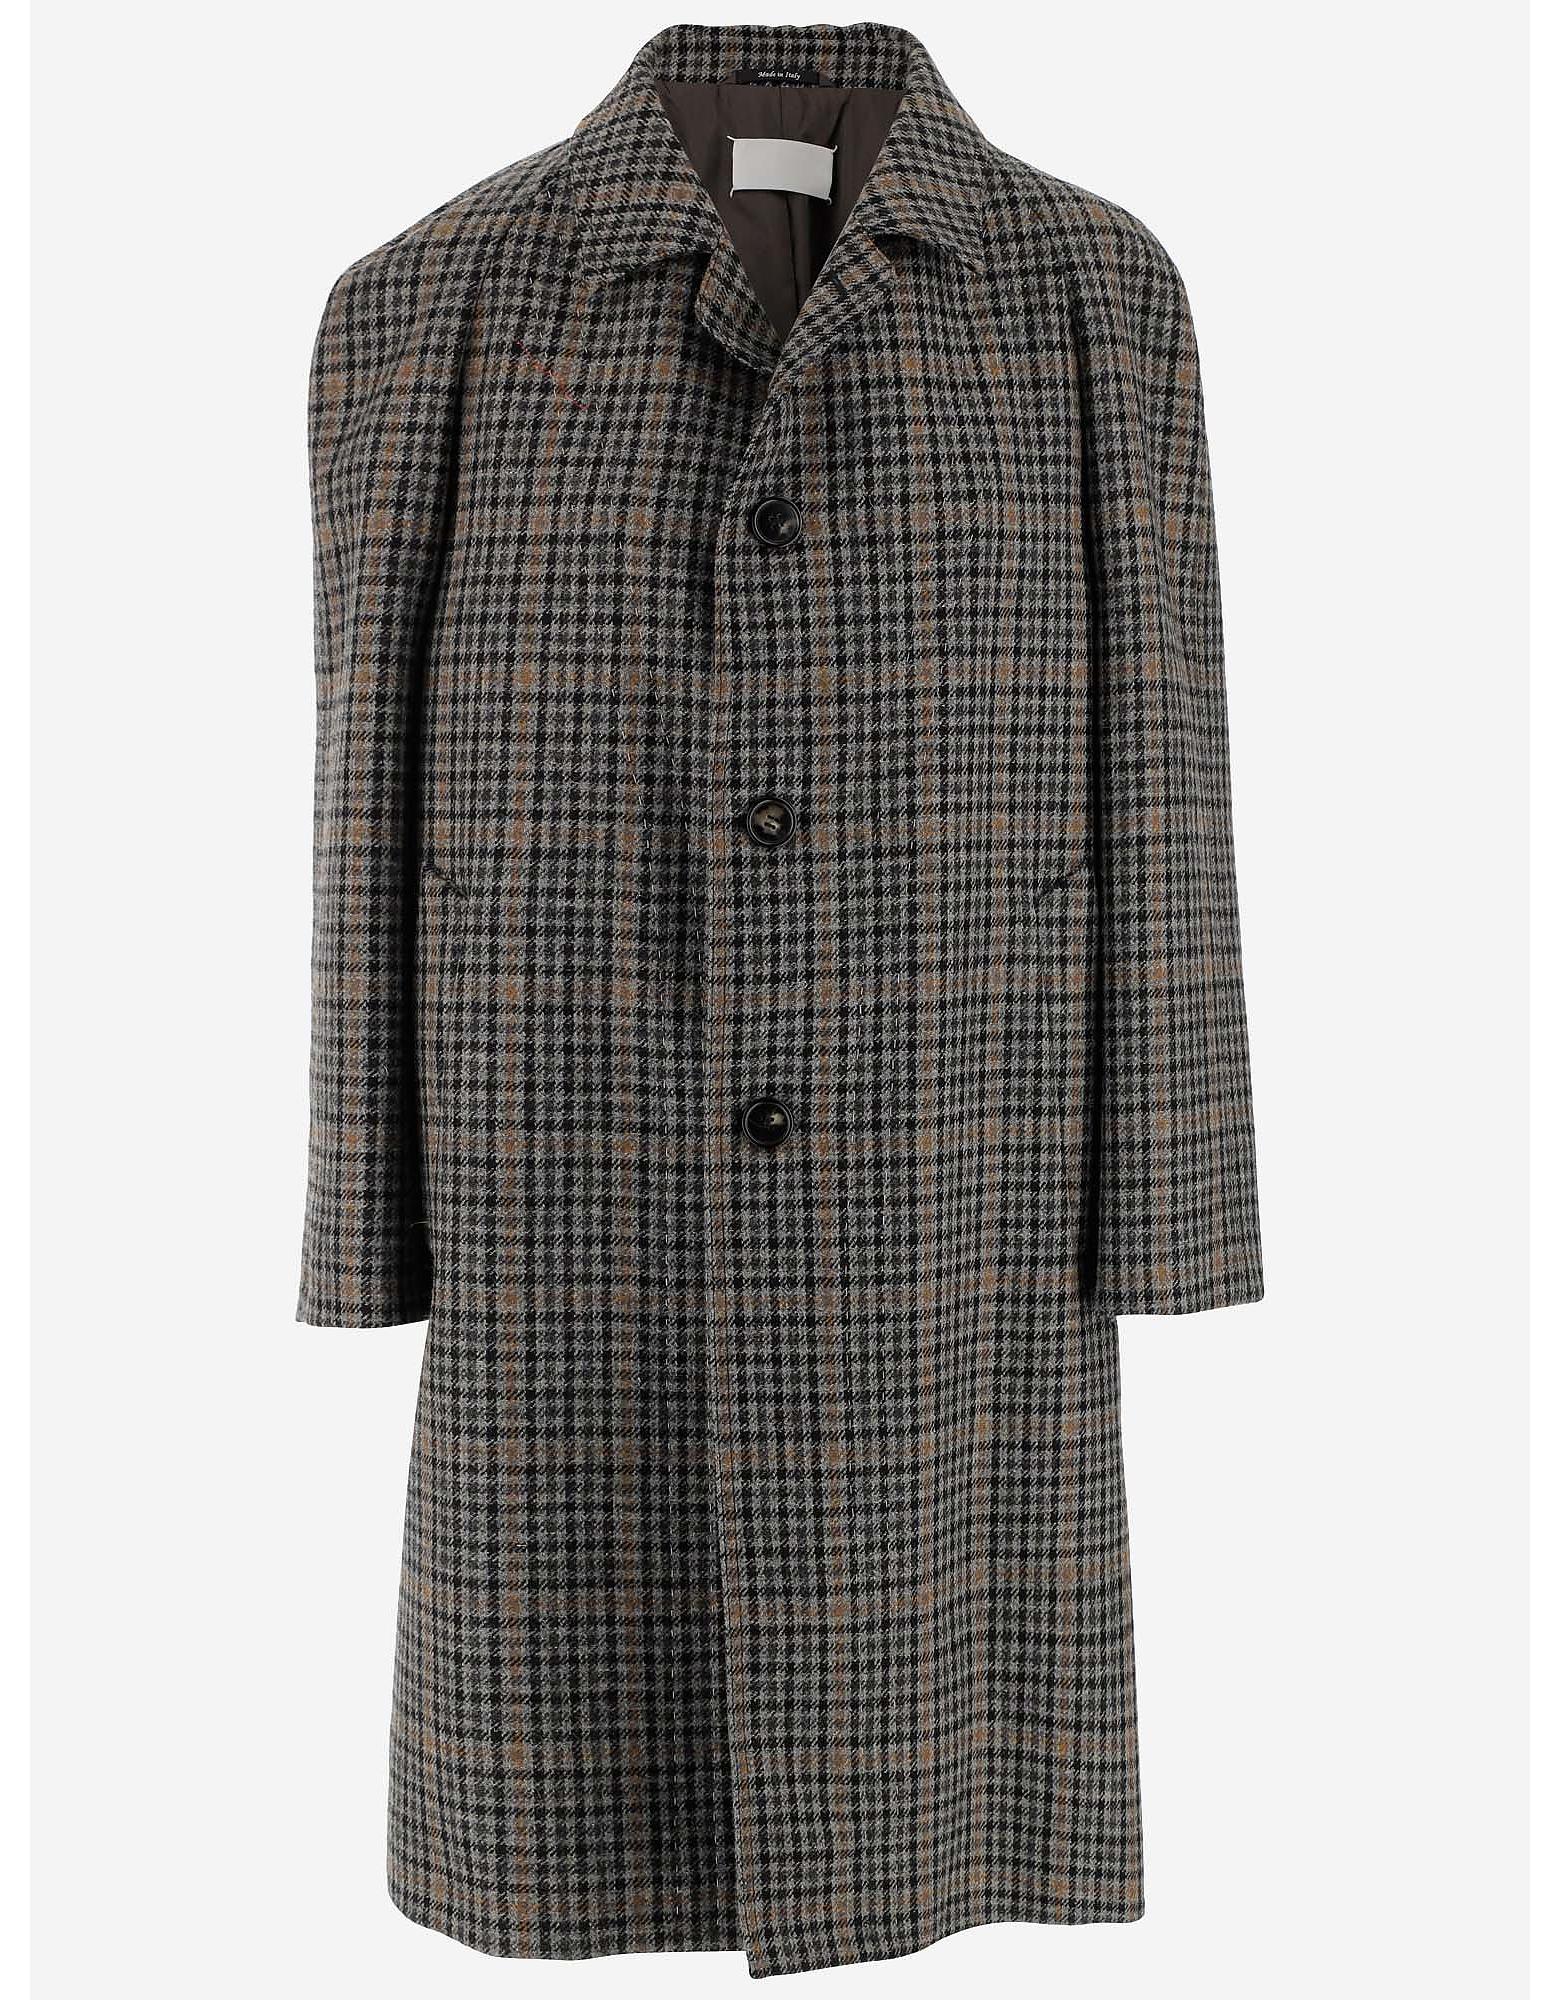 Maison Margiela Designer Coats & Jackets, Women's Coat